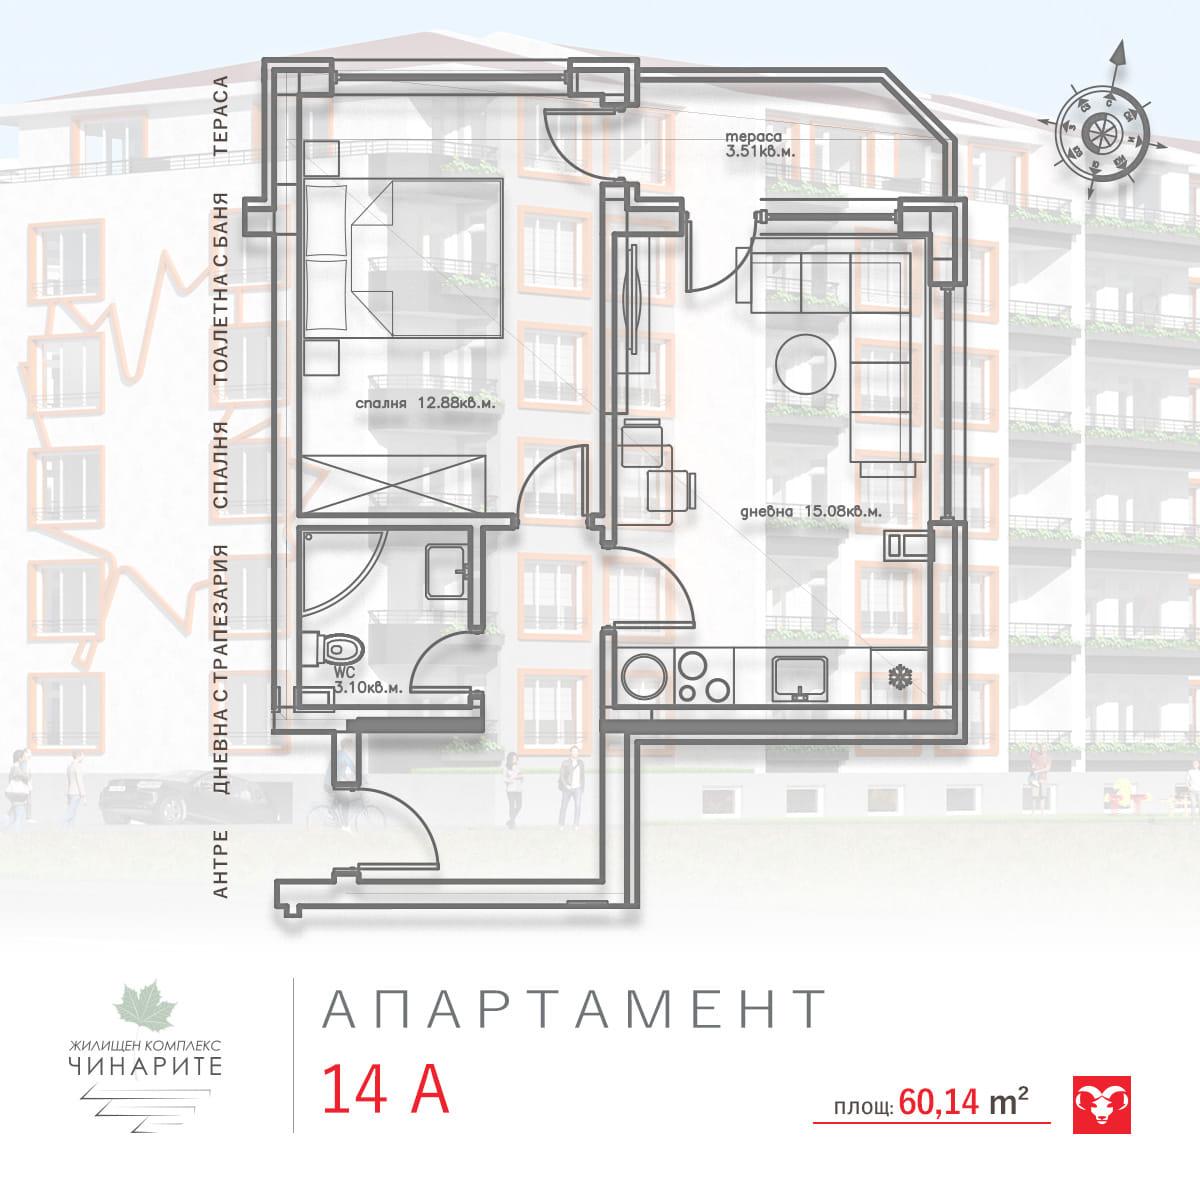 Апартамент A14